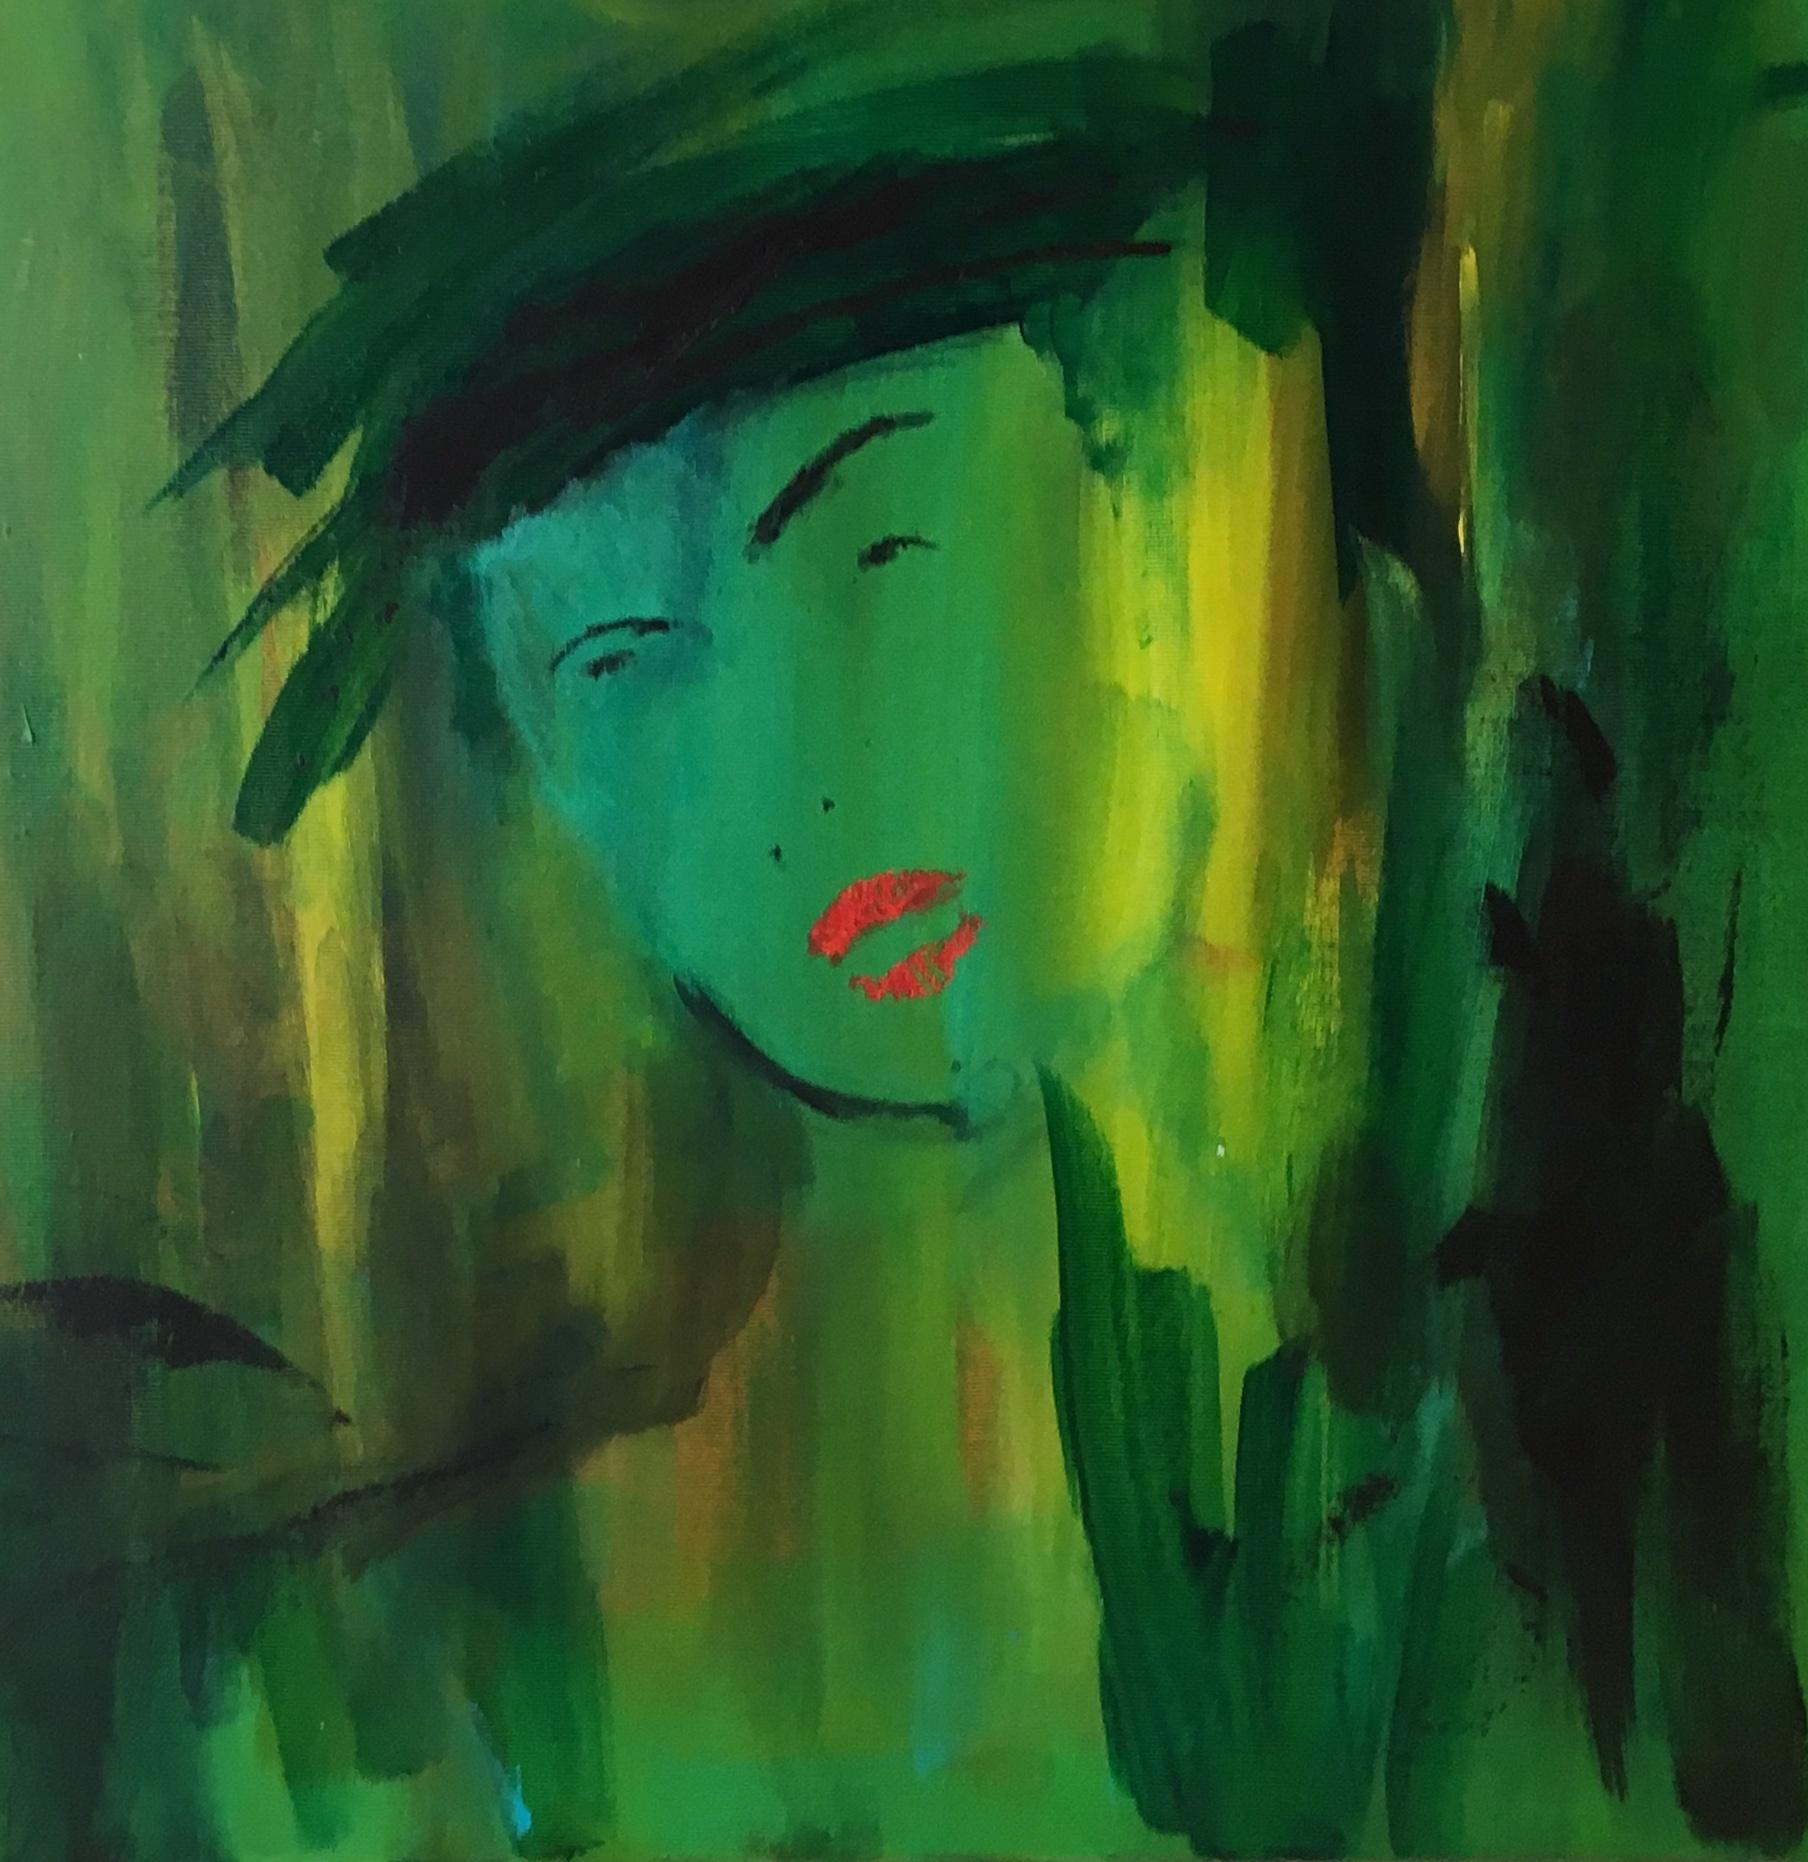 Ansigtet toner frem ud af det grønne - og er en person, jeg kom i tanke om, mens jeg var ude at gå i skoven.